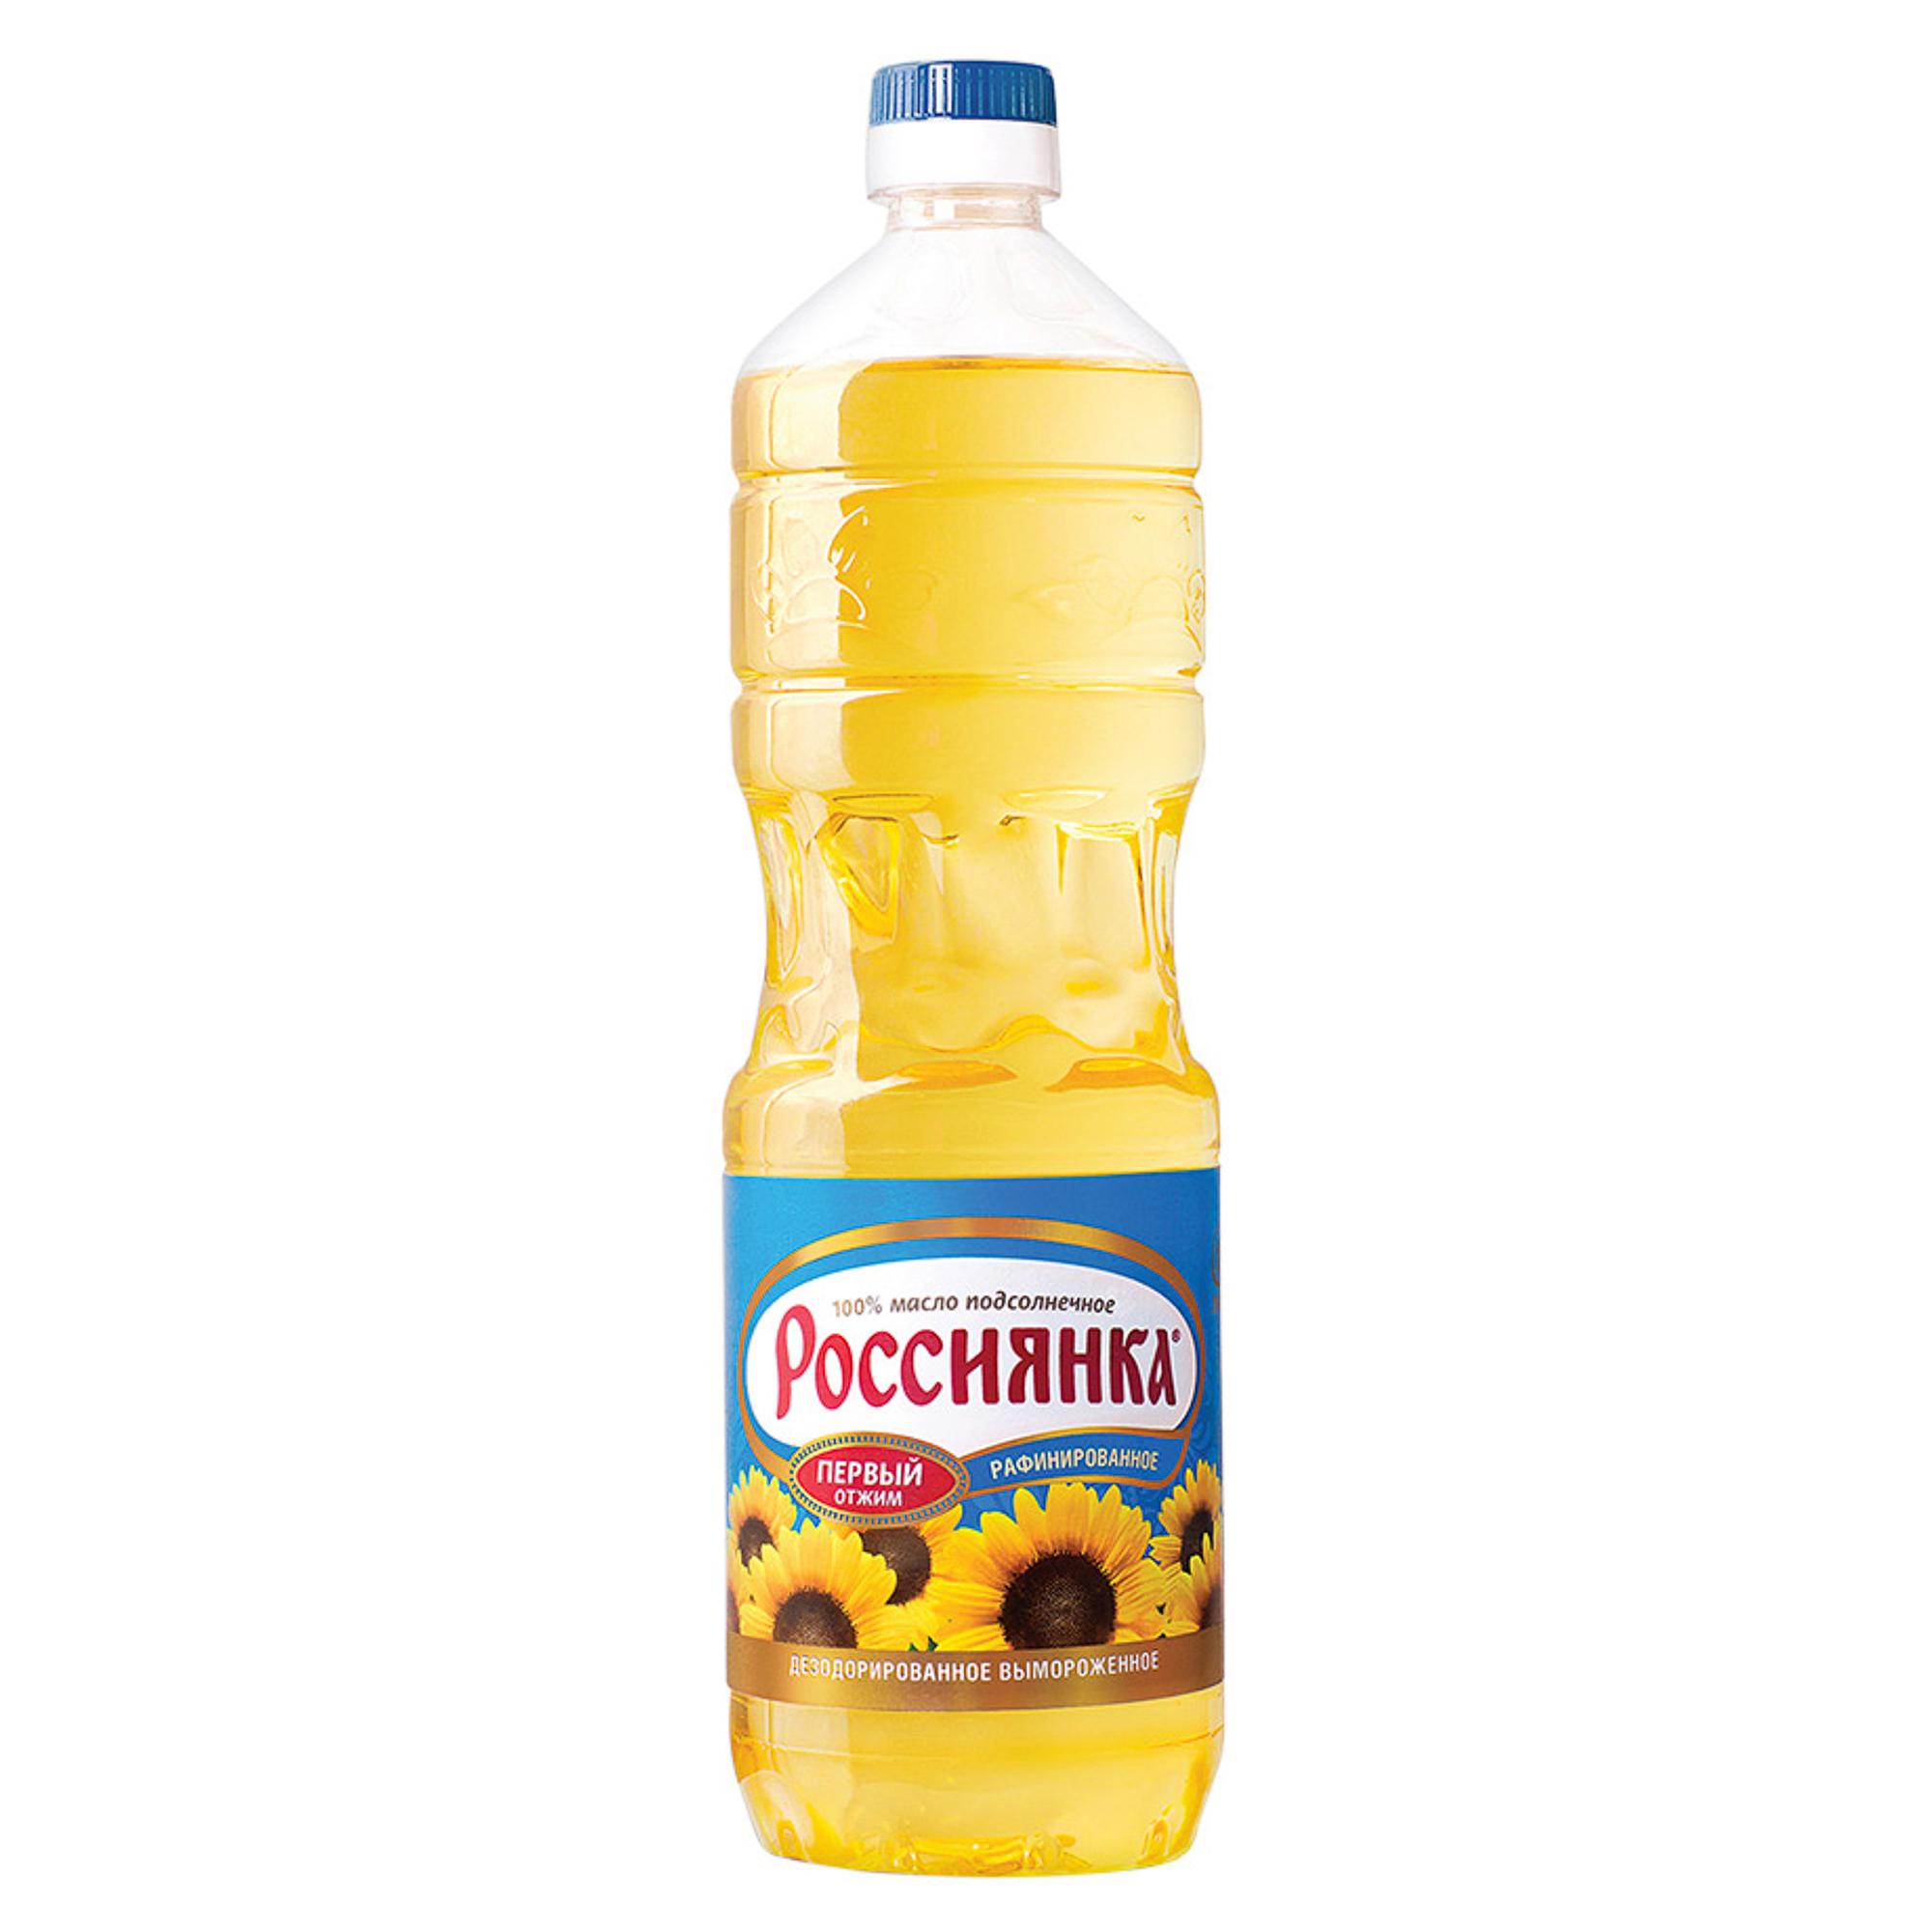 Масло подсолнечное Россиянка 1 л